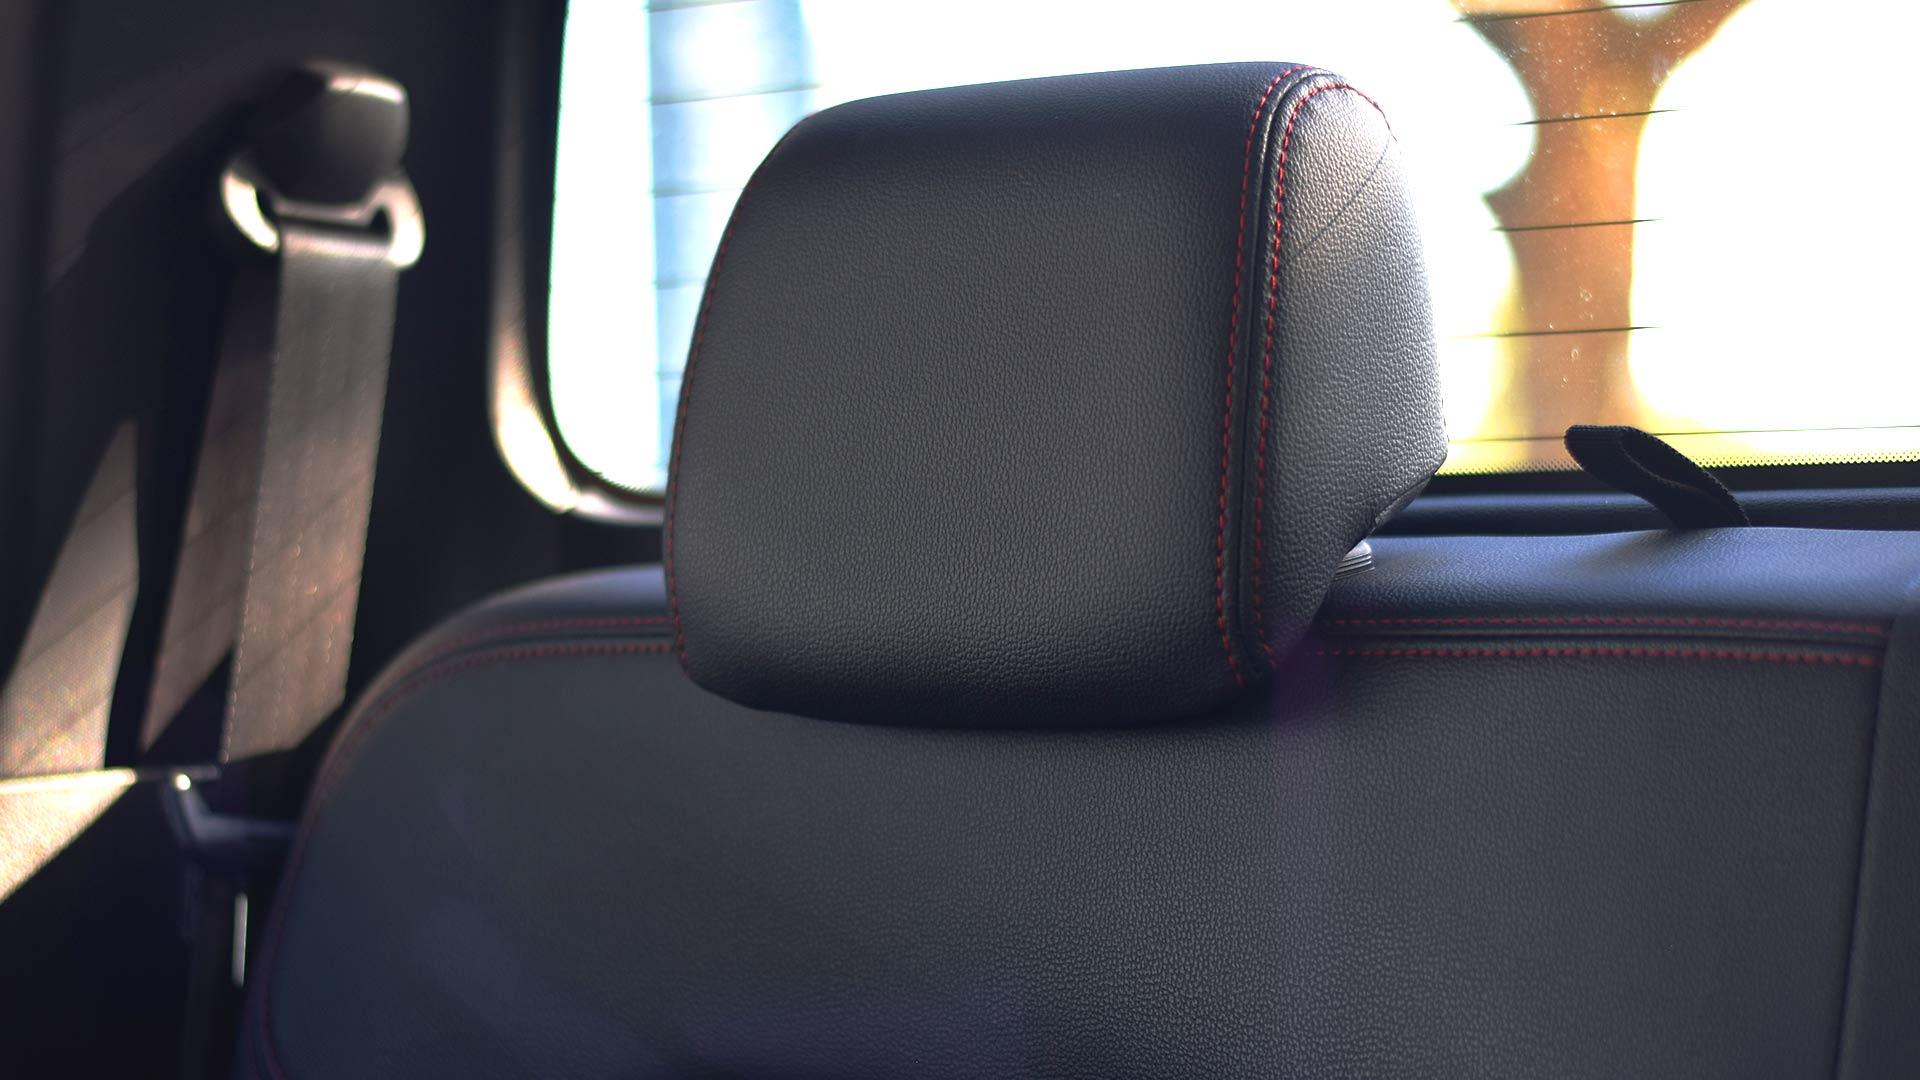 The Maxus T60 rear seat headrest